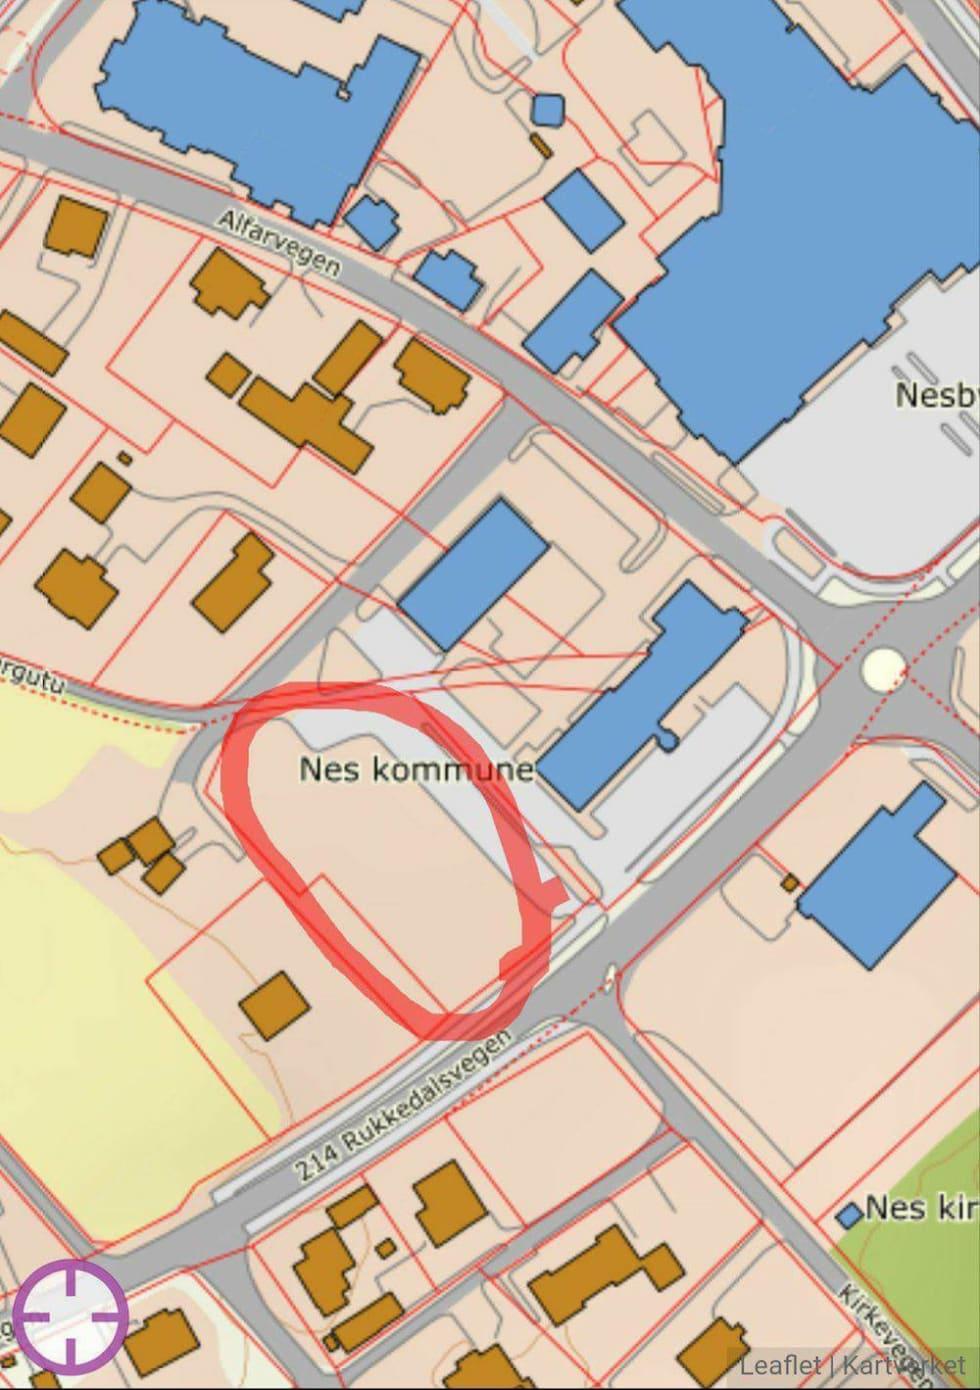 Pumptrack Nesbyen - Illustrasjon Trailhead Nesbyen 1000x